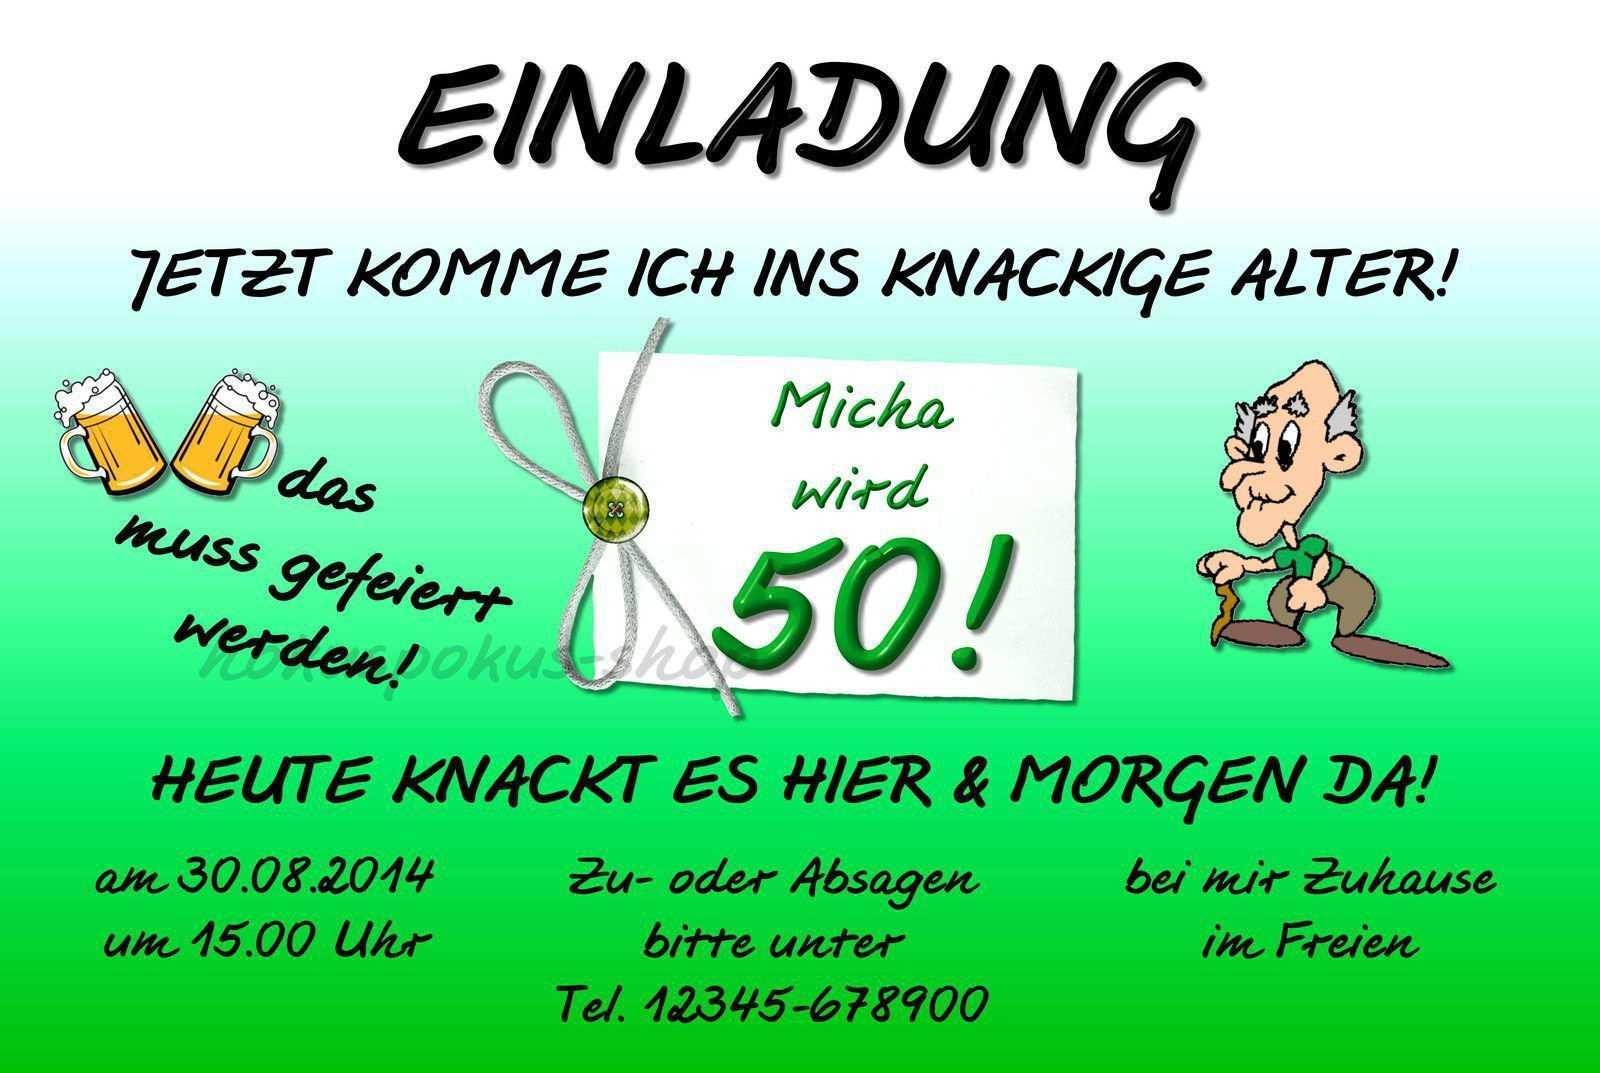 Einladungskarten Geburtstag Gratis Vorlagen Elegant Einladungskarten Geburtstag Einladungskarten 60 Geburtstagsgeschenke Karten